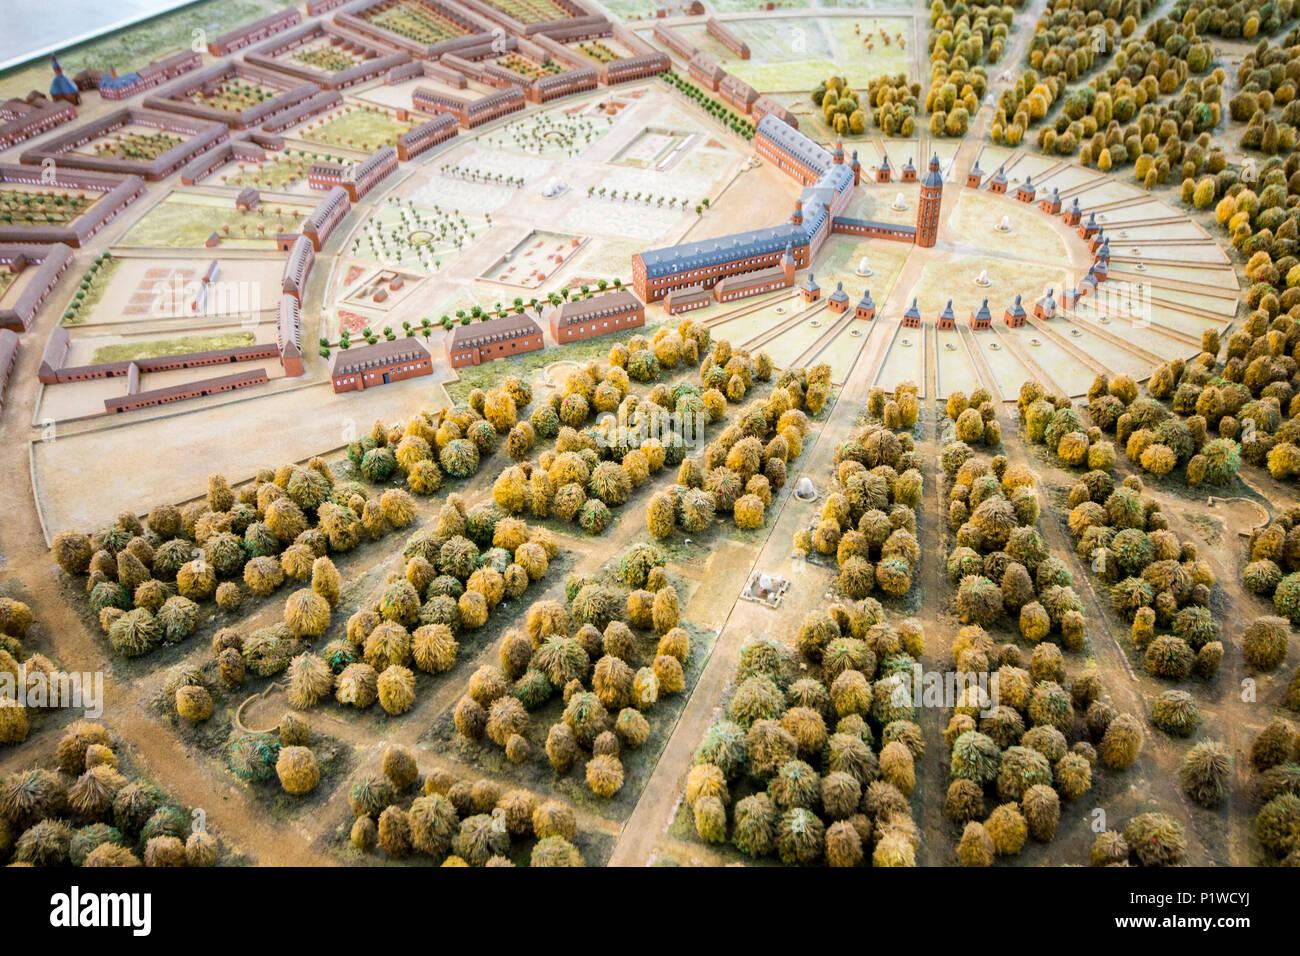 Karlsruhe, Allemagne. Miniature maquette du château de Karlsruhe (Karlsruher Schloss), avec les multiples rues et routes que depuis sa tour de fourche Photo Stock - Alamy